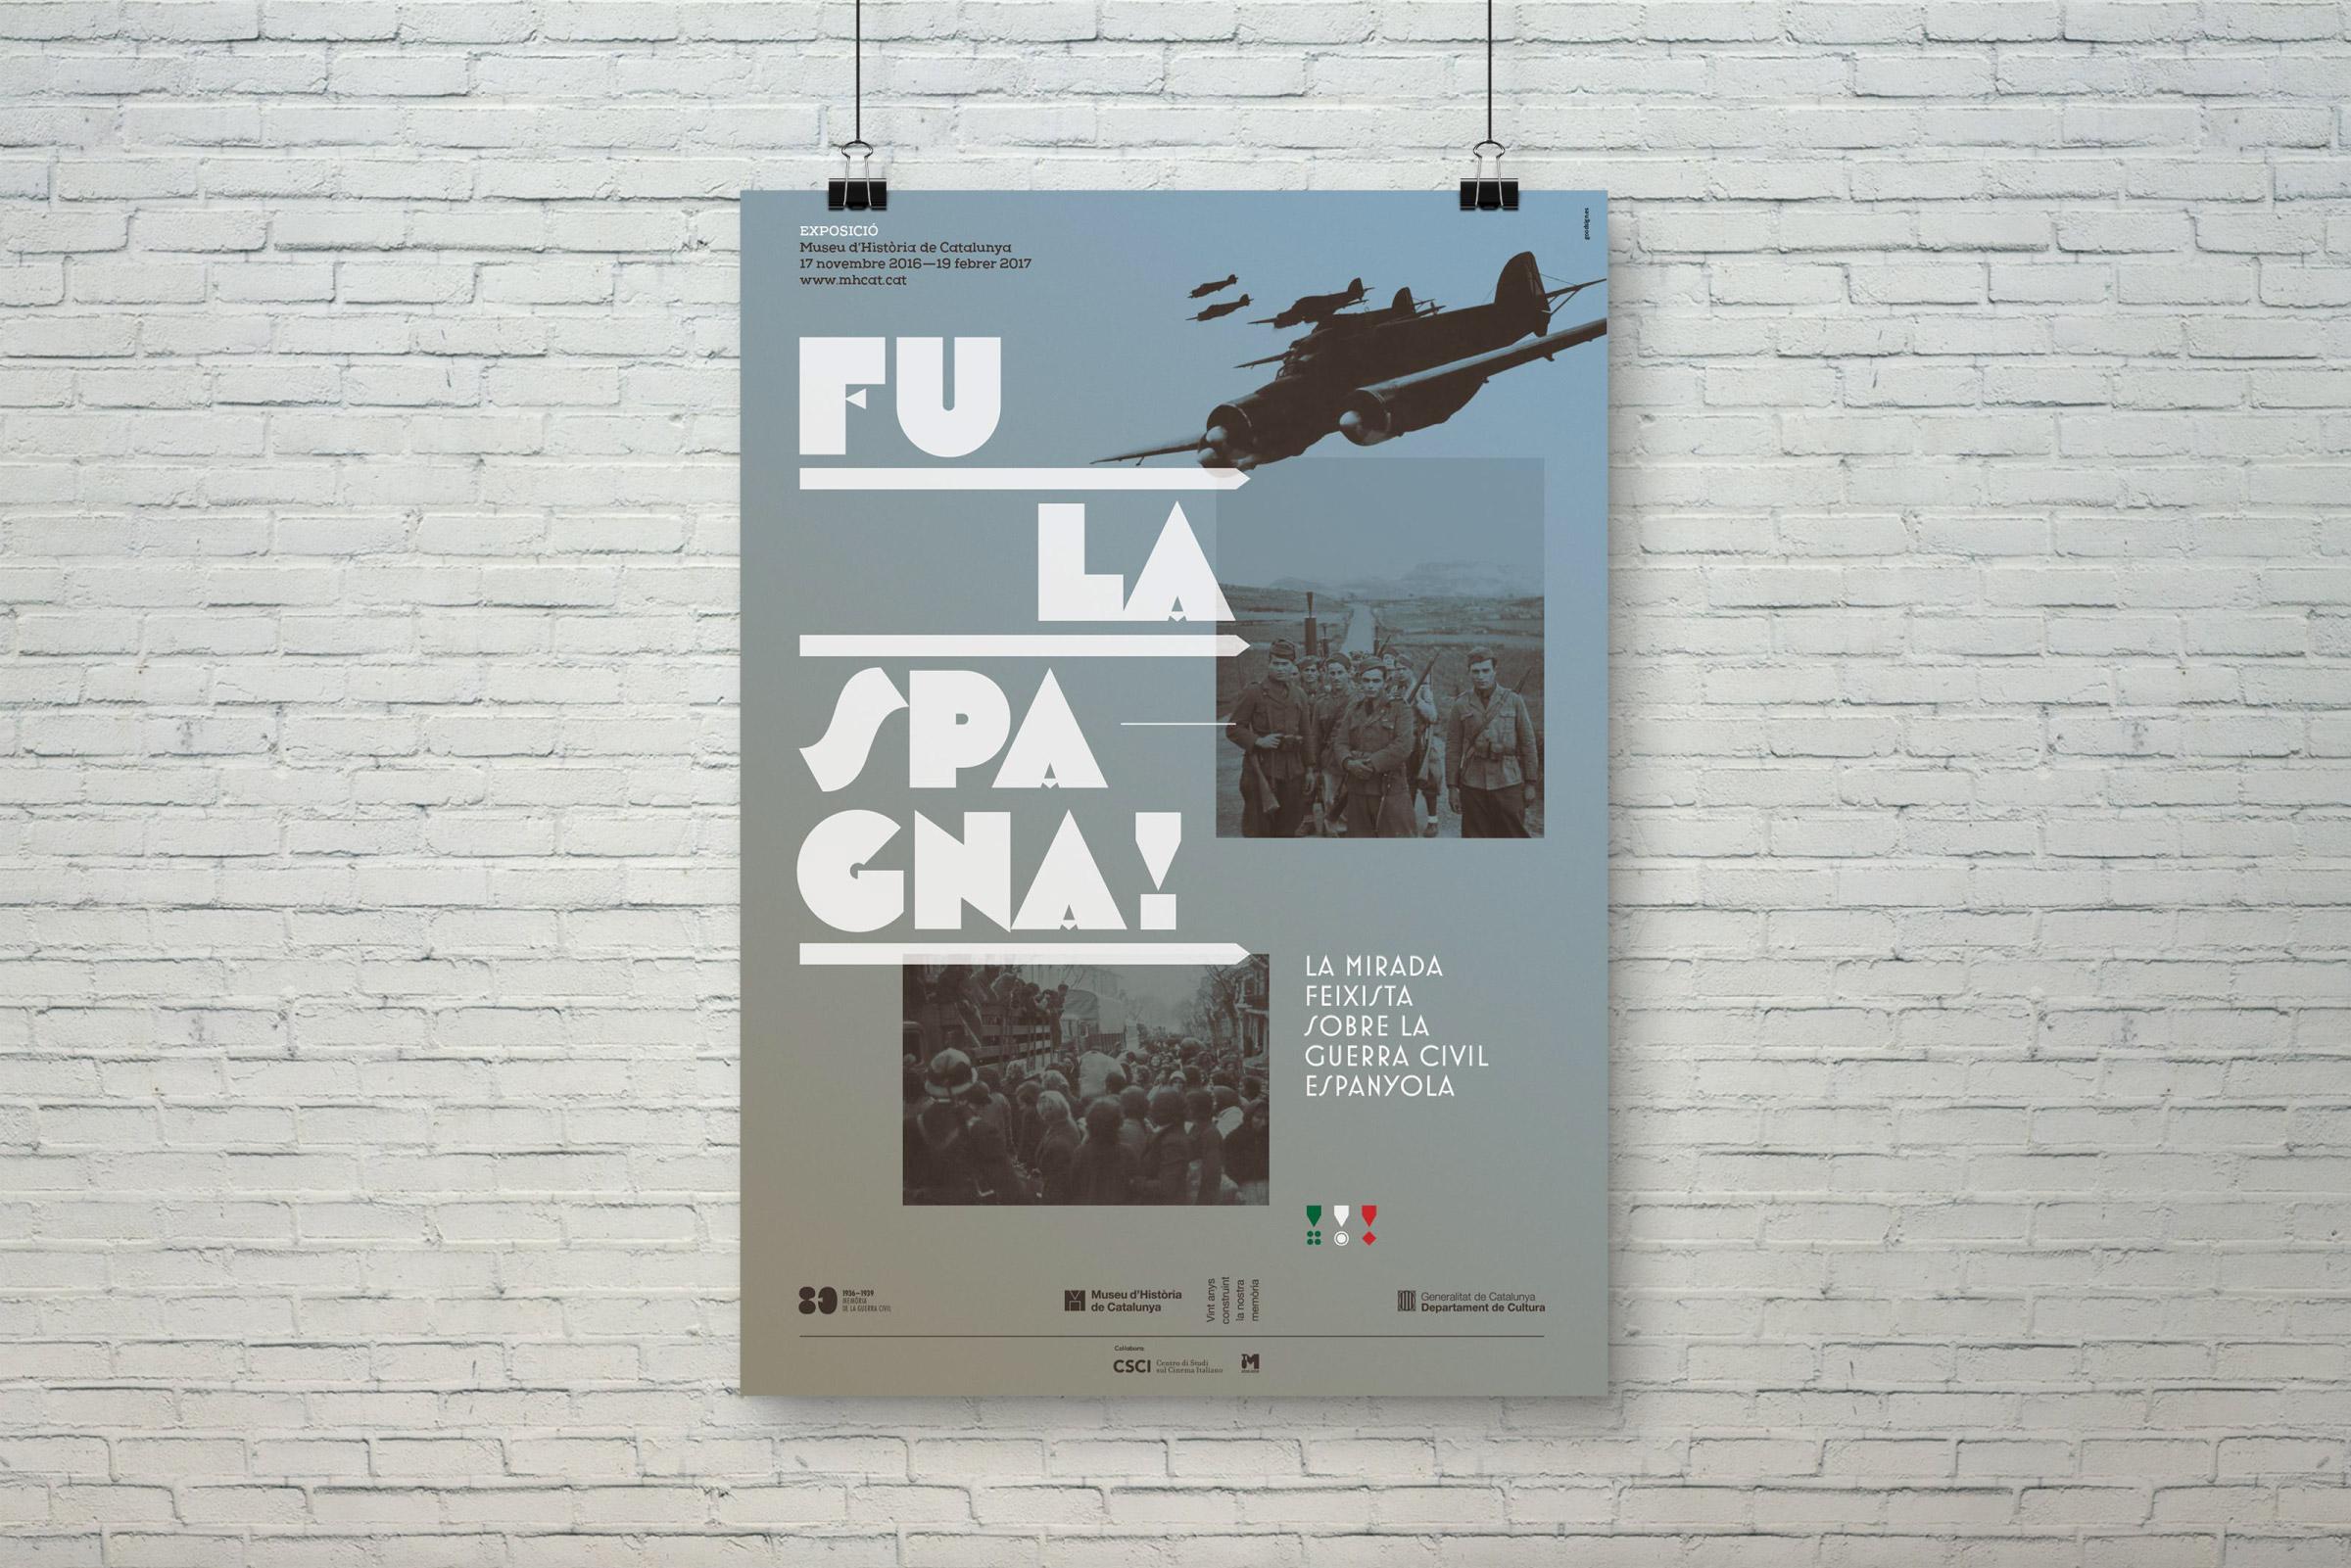 fu-la-spagna-poster